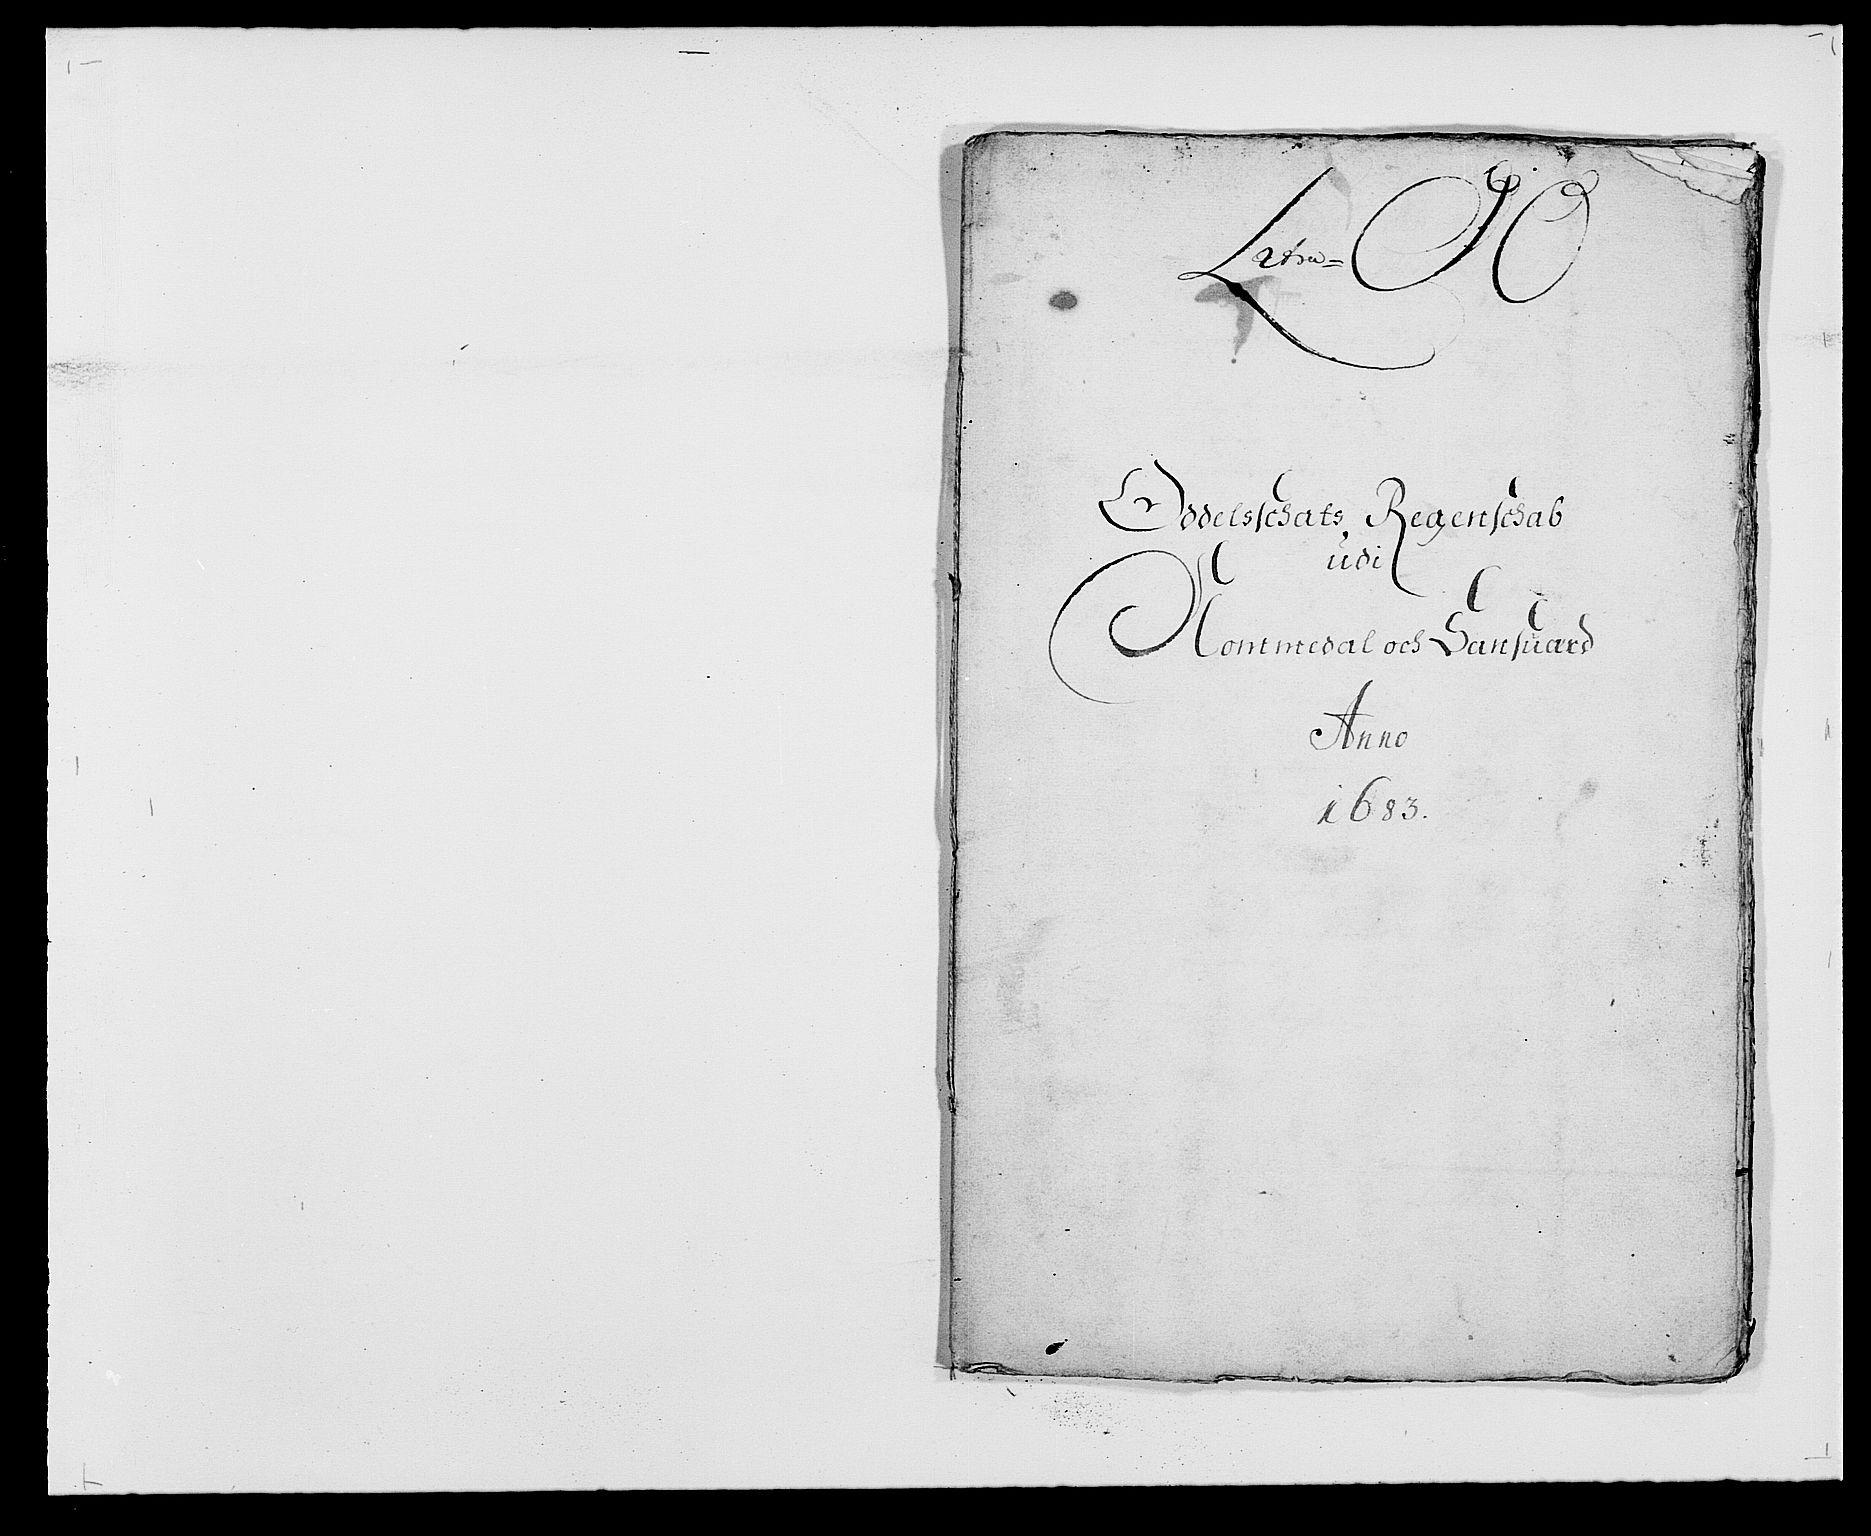 RA, Rentekammeret inntil 1814, Reviderte regnskaper, Fogderegnskap, R24/L1570: Fogderegnskap Numedal og Sandsvær, 1679-1686, s. 312